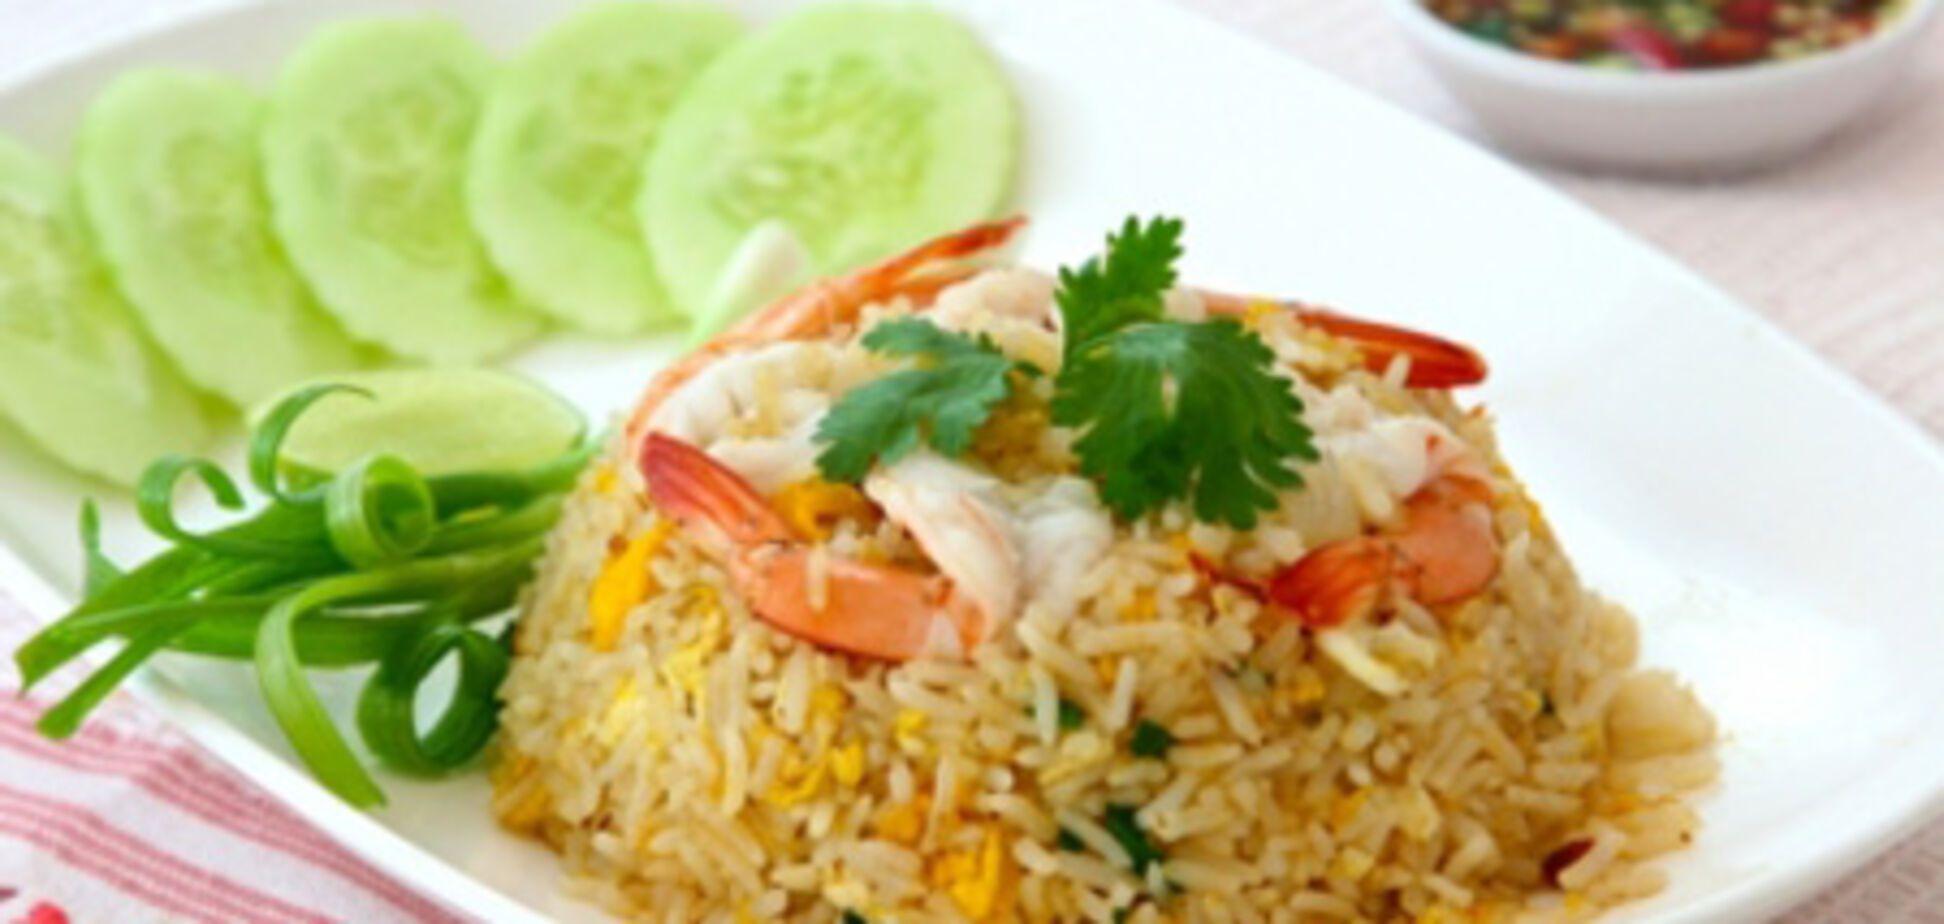 Как приготовить блюдо китайской кухни из обычных продуктов?